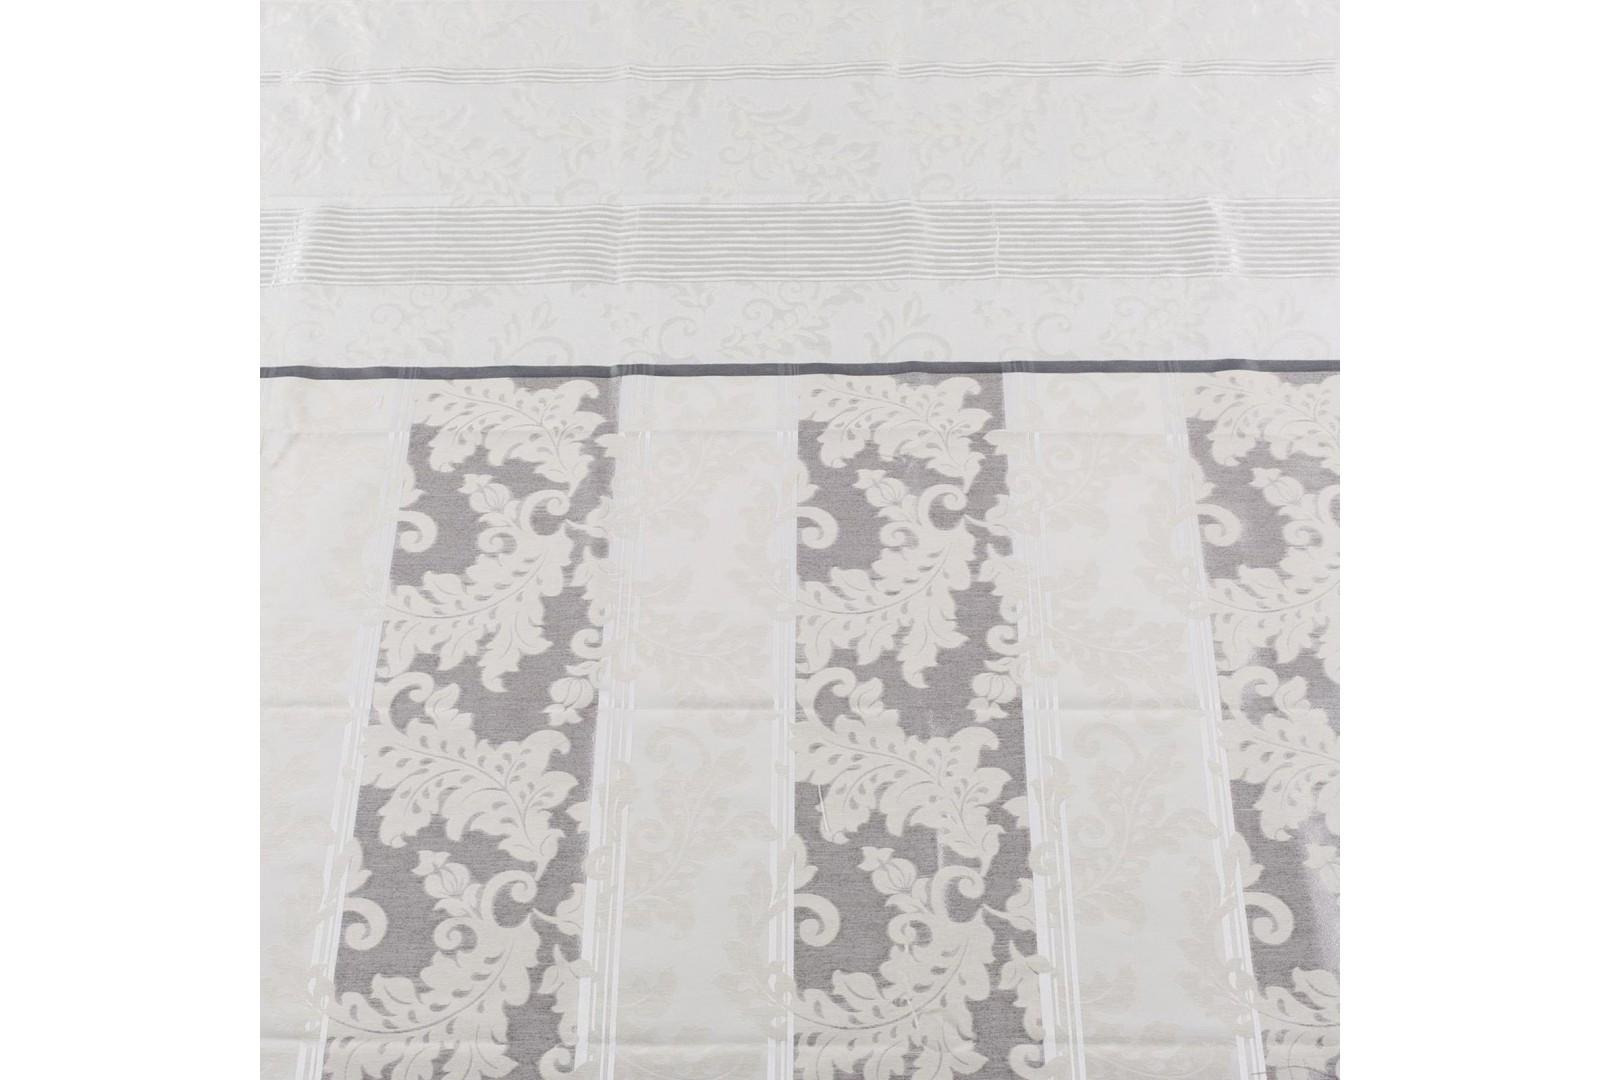 COLCHA BOUTTI STELLA 085 - PLATA 80 cms